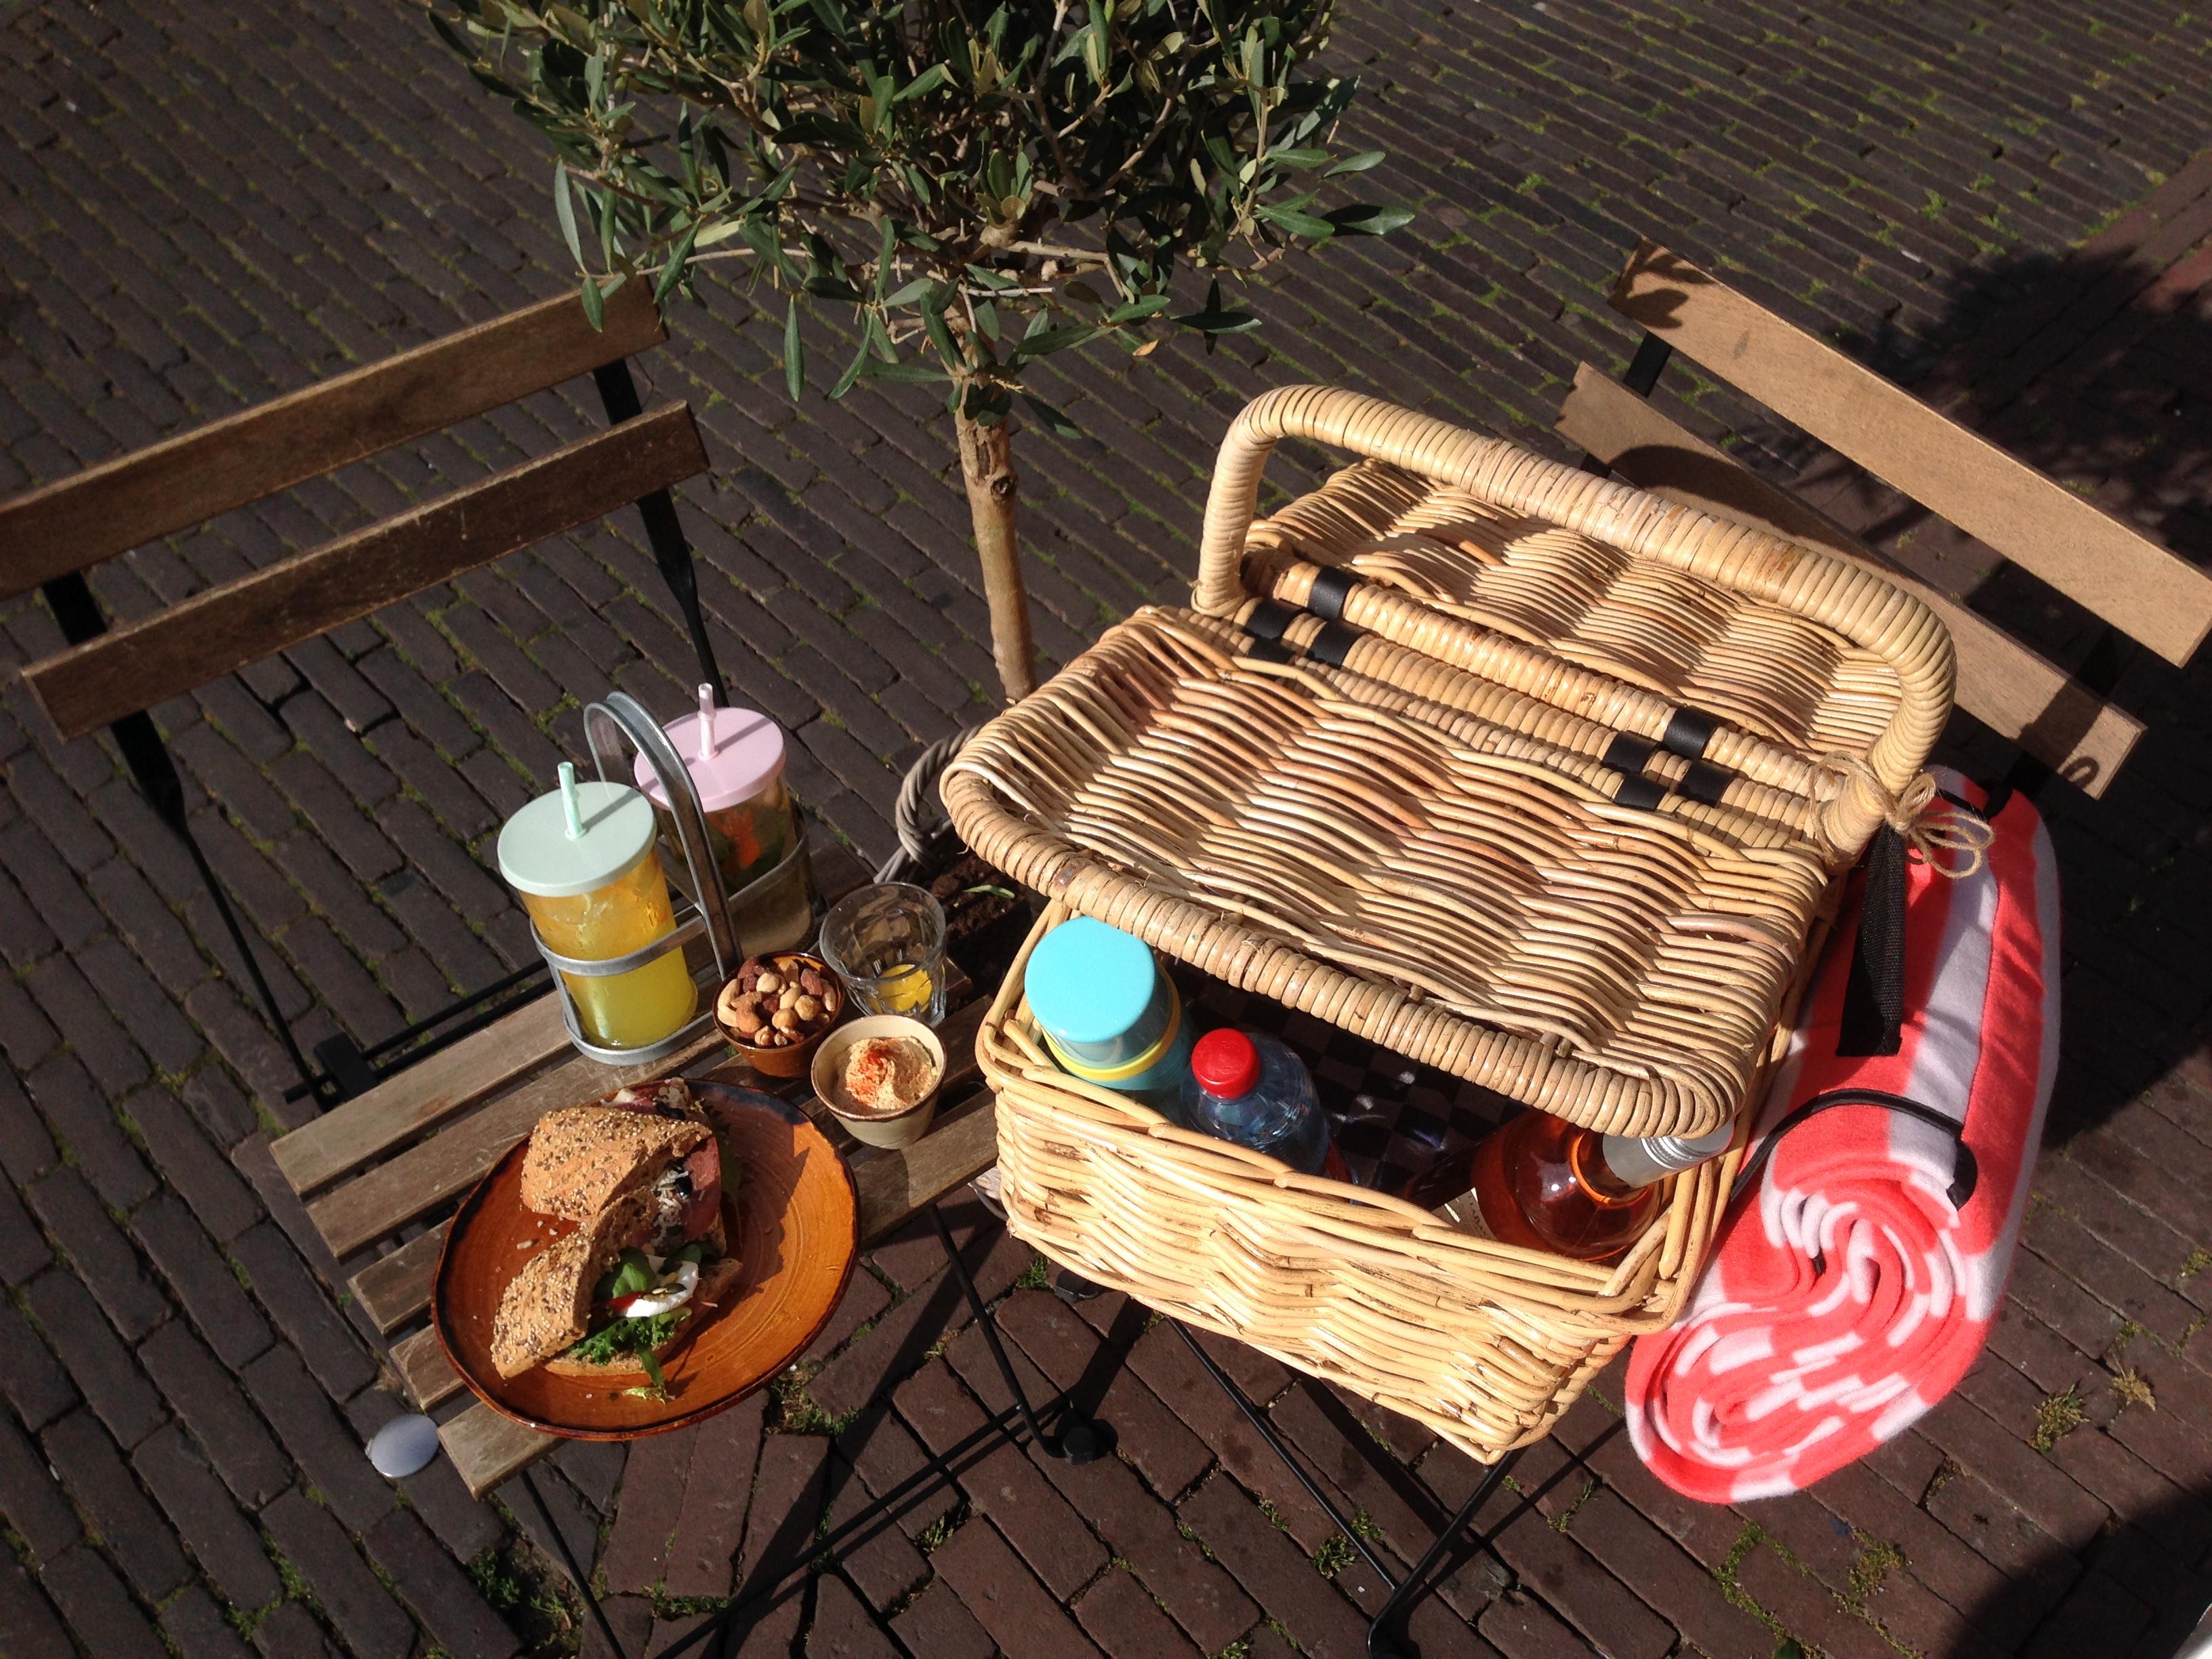 picknickmand utrecht